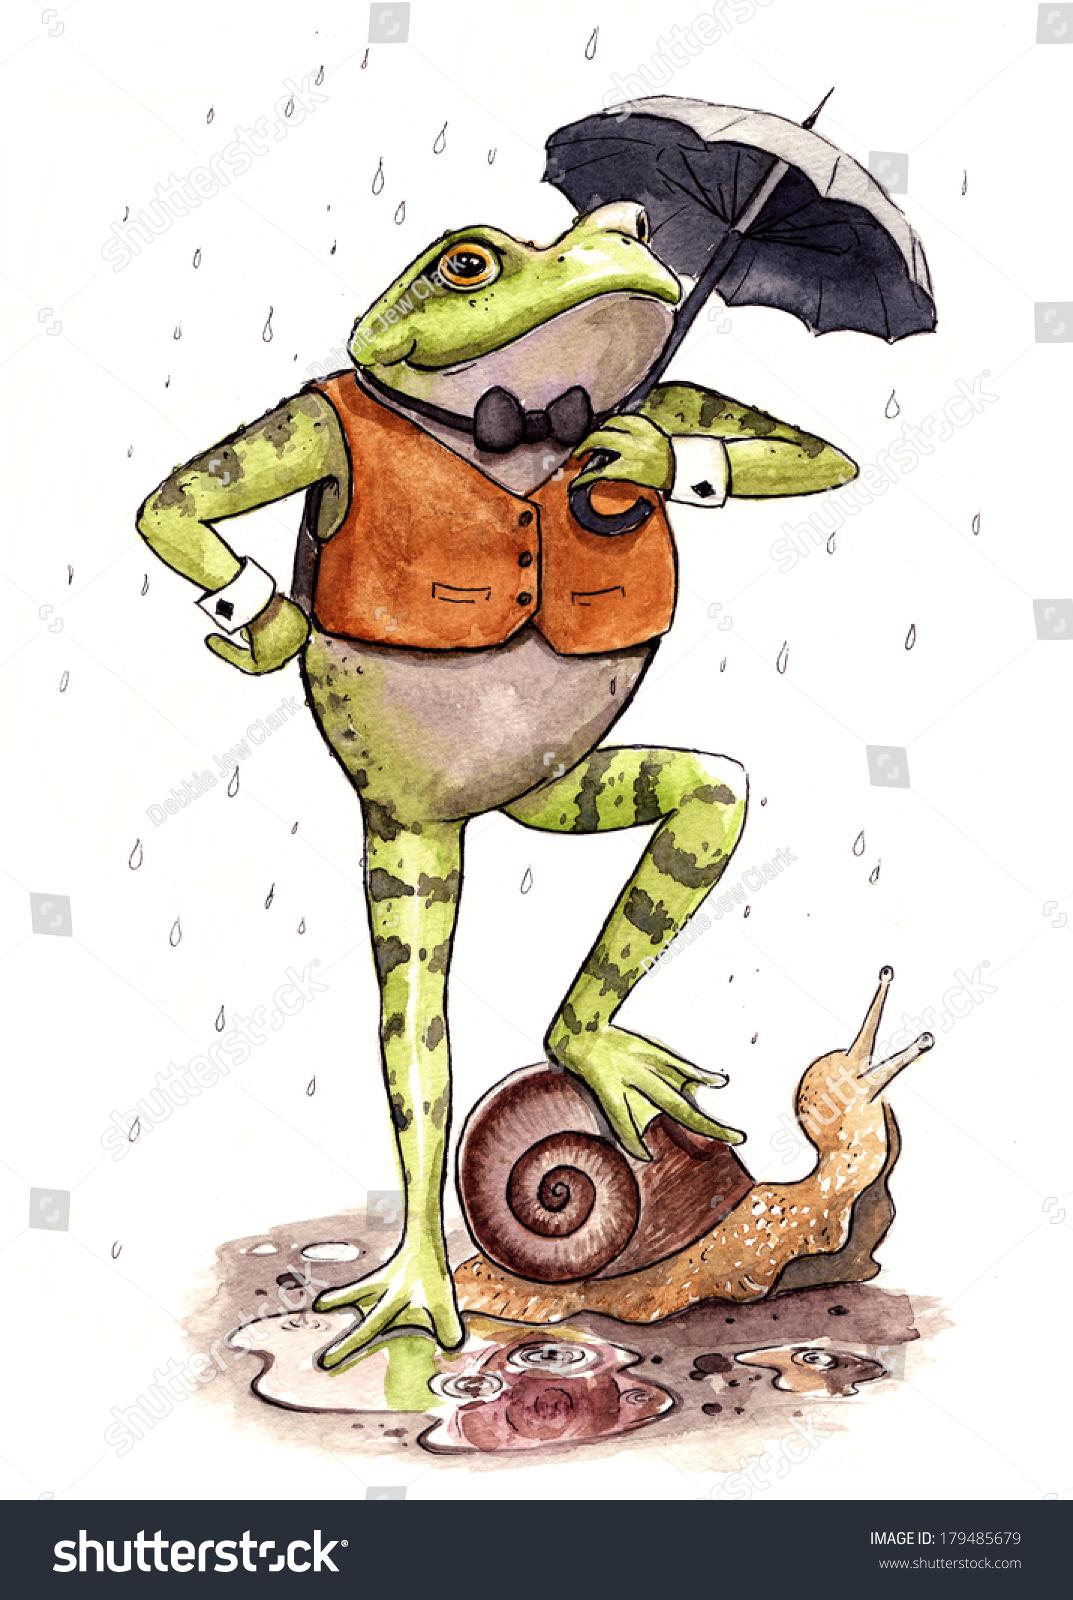 水彩画和水墨画在雨中站着一只蜗牛